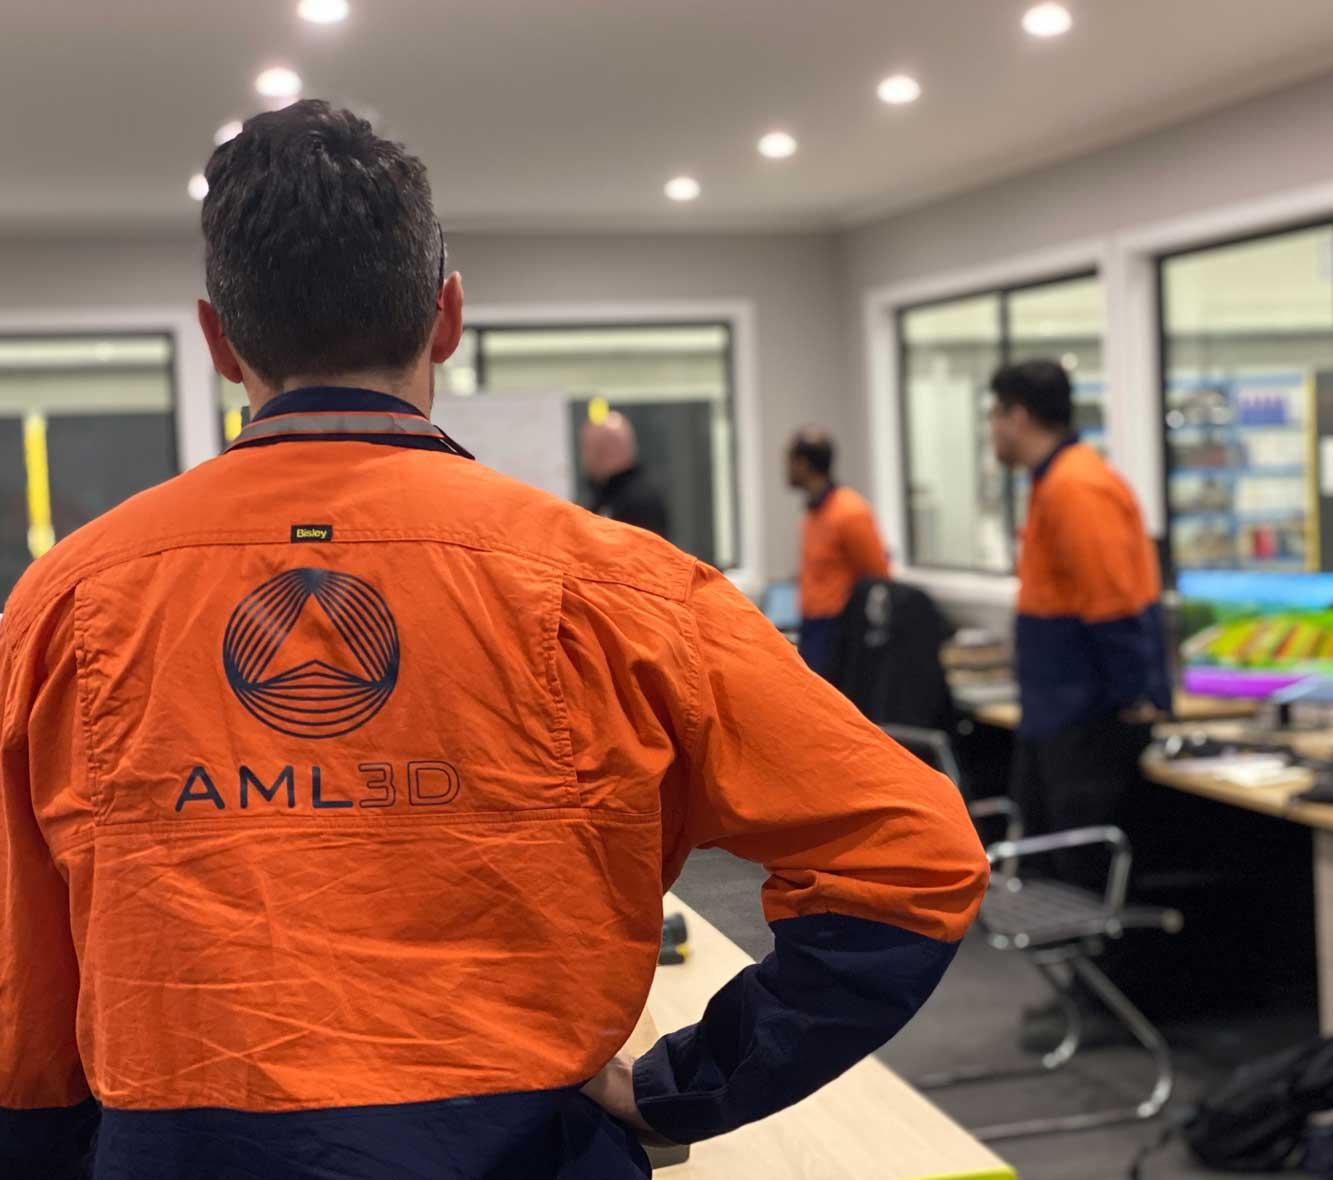 AML3D Staff Meet